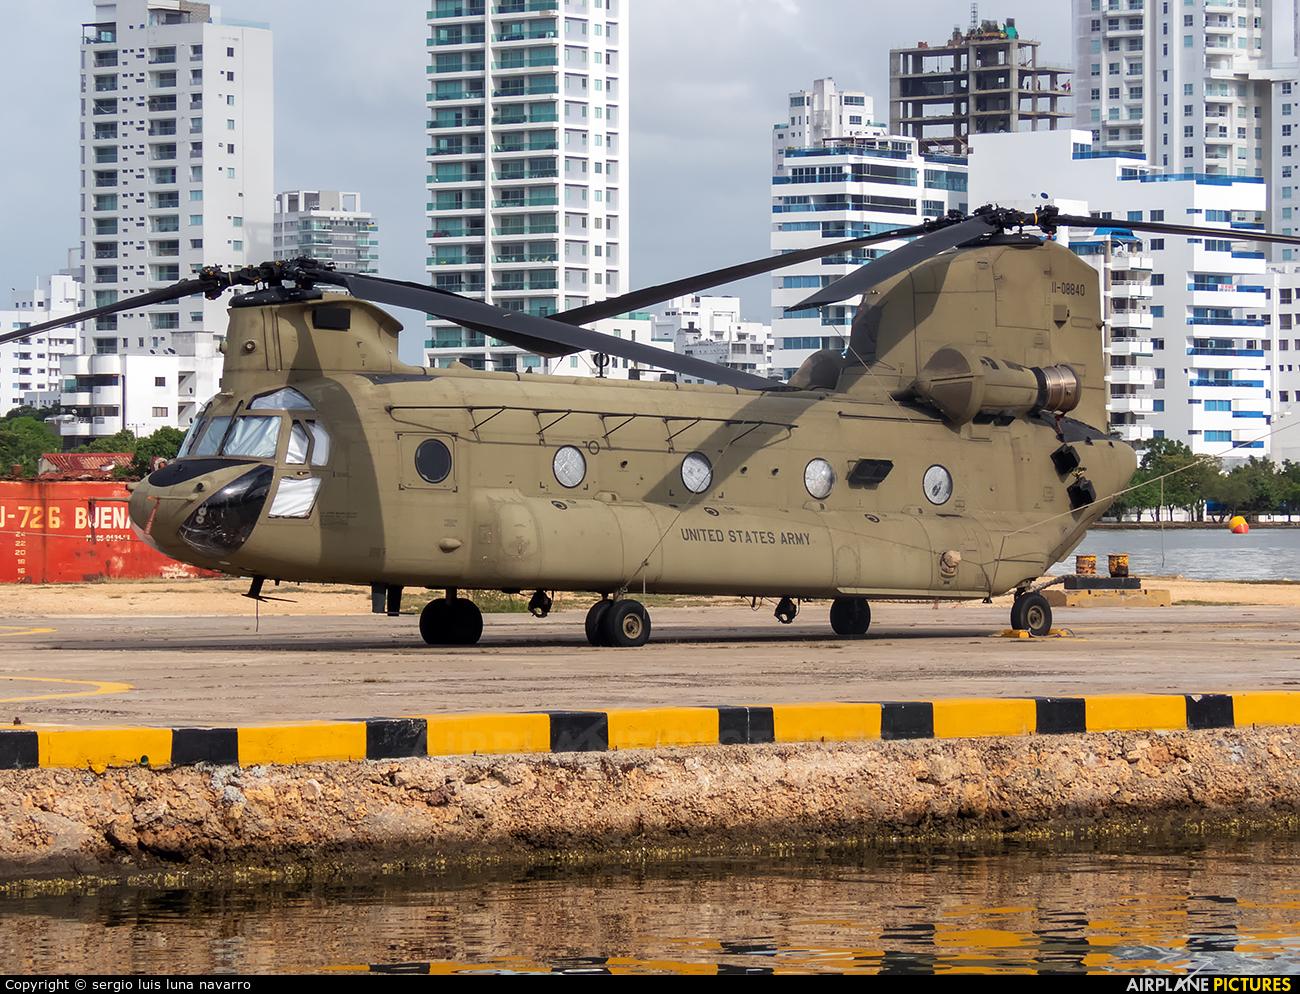 USA - Army 11-08840 aircraft at Cartagena - Rafael Núñez